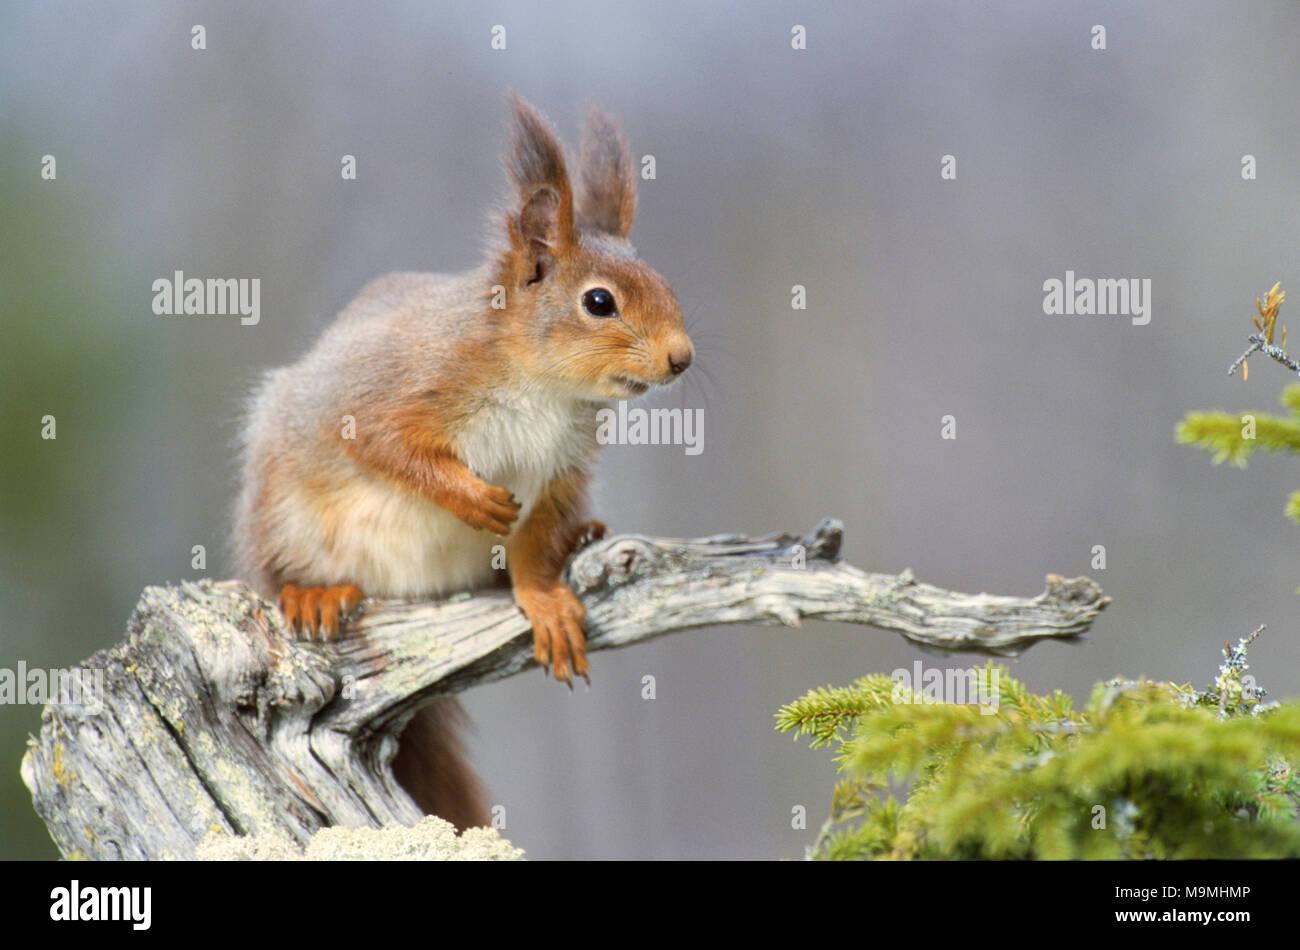 Europäisches Eichhörnchen (Sciurus vulgaris). Erwachsenen auf einem Toten knorrige Zweig. Deutschland Stockbild